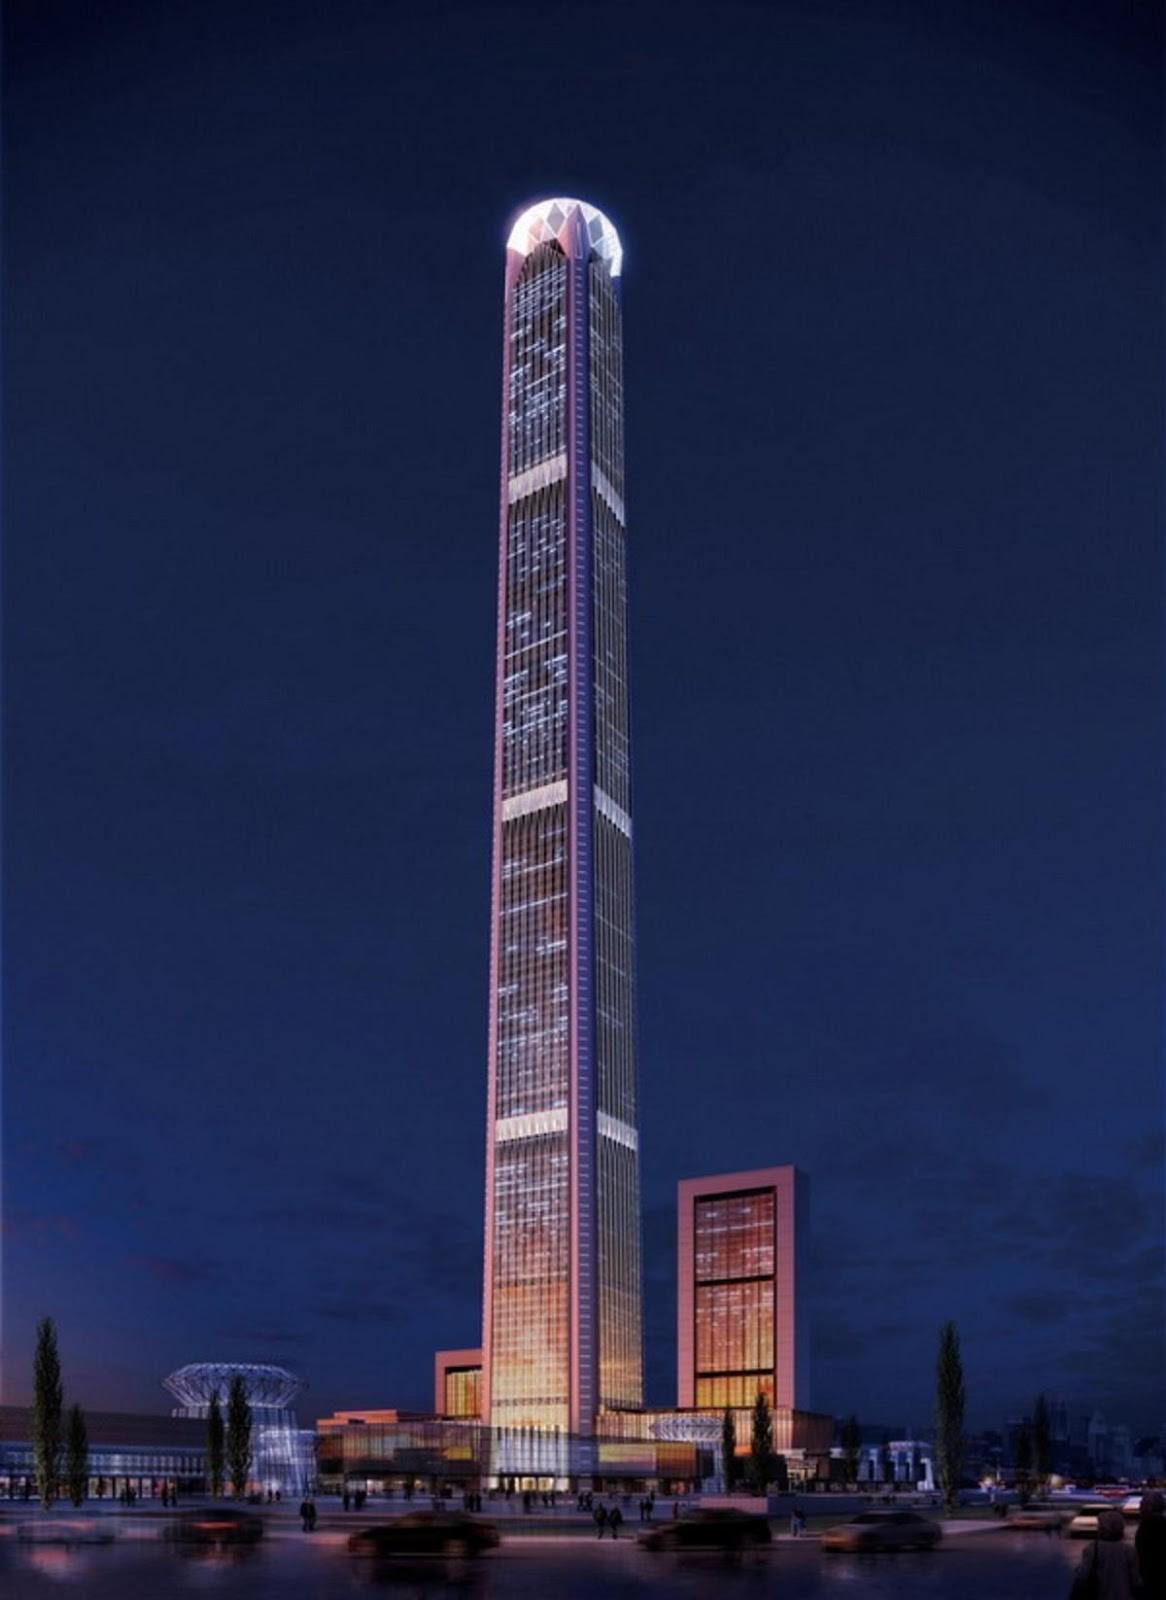 Top 15 tòa nhà chọc trời cao nhất thế giới, Việt Nam cũng góp mặt với Landmark 81 - Ảnh 8.